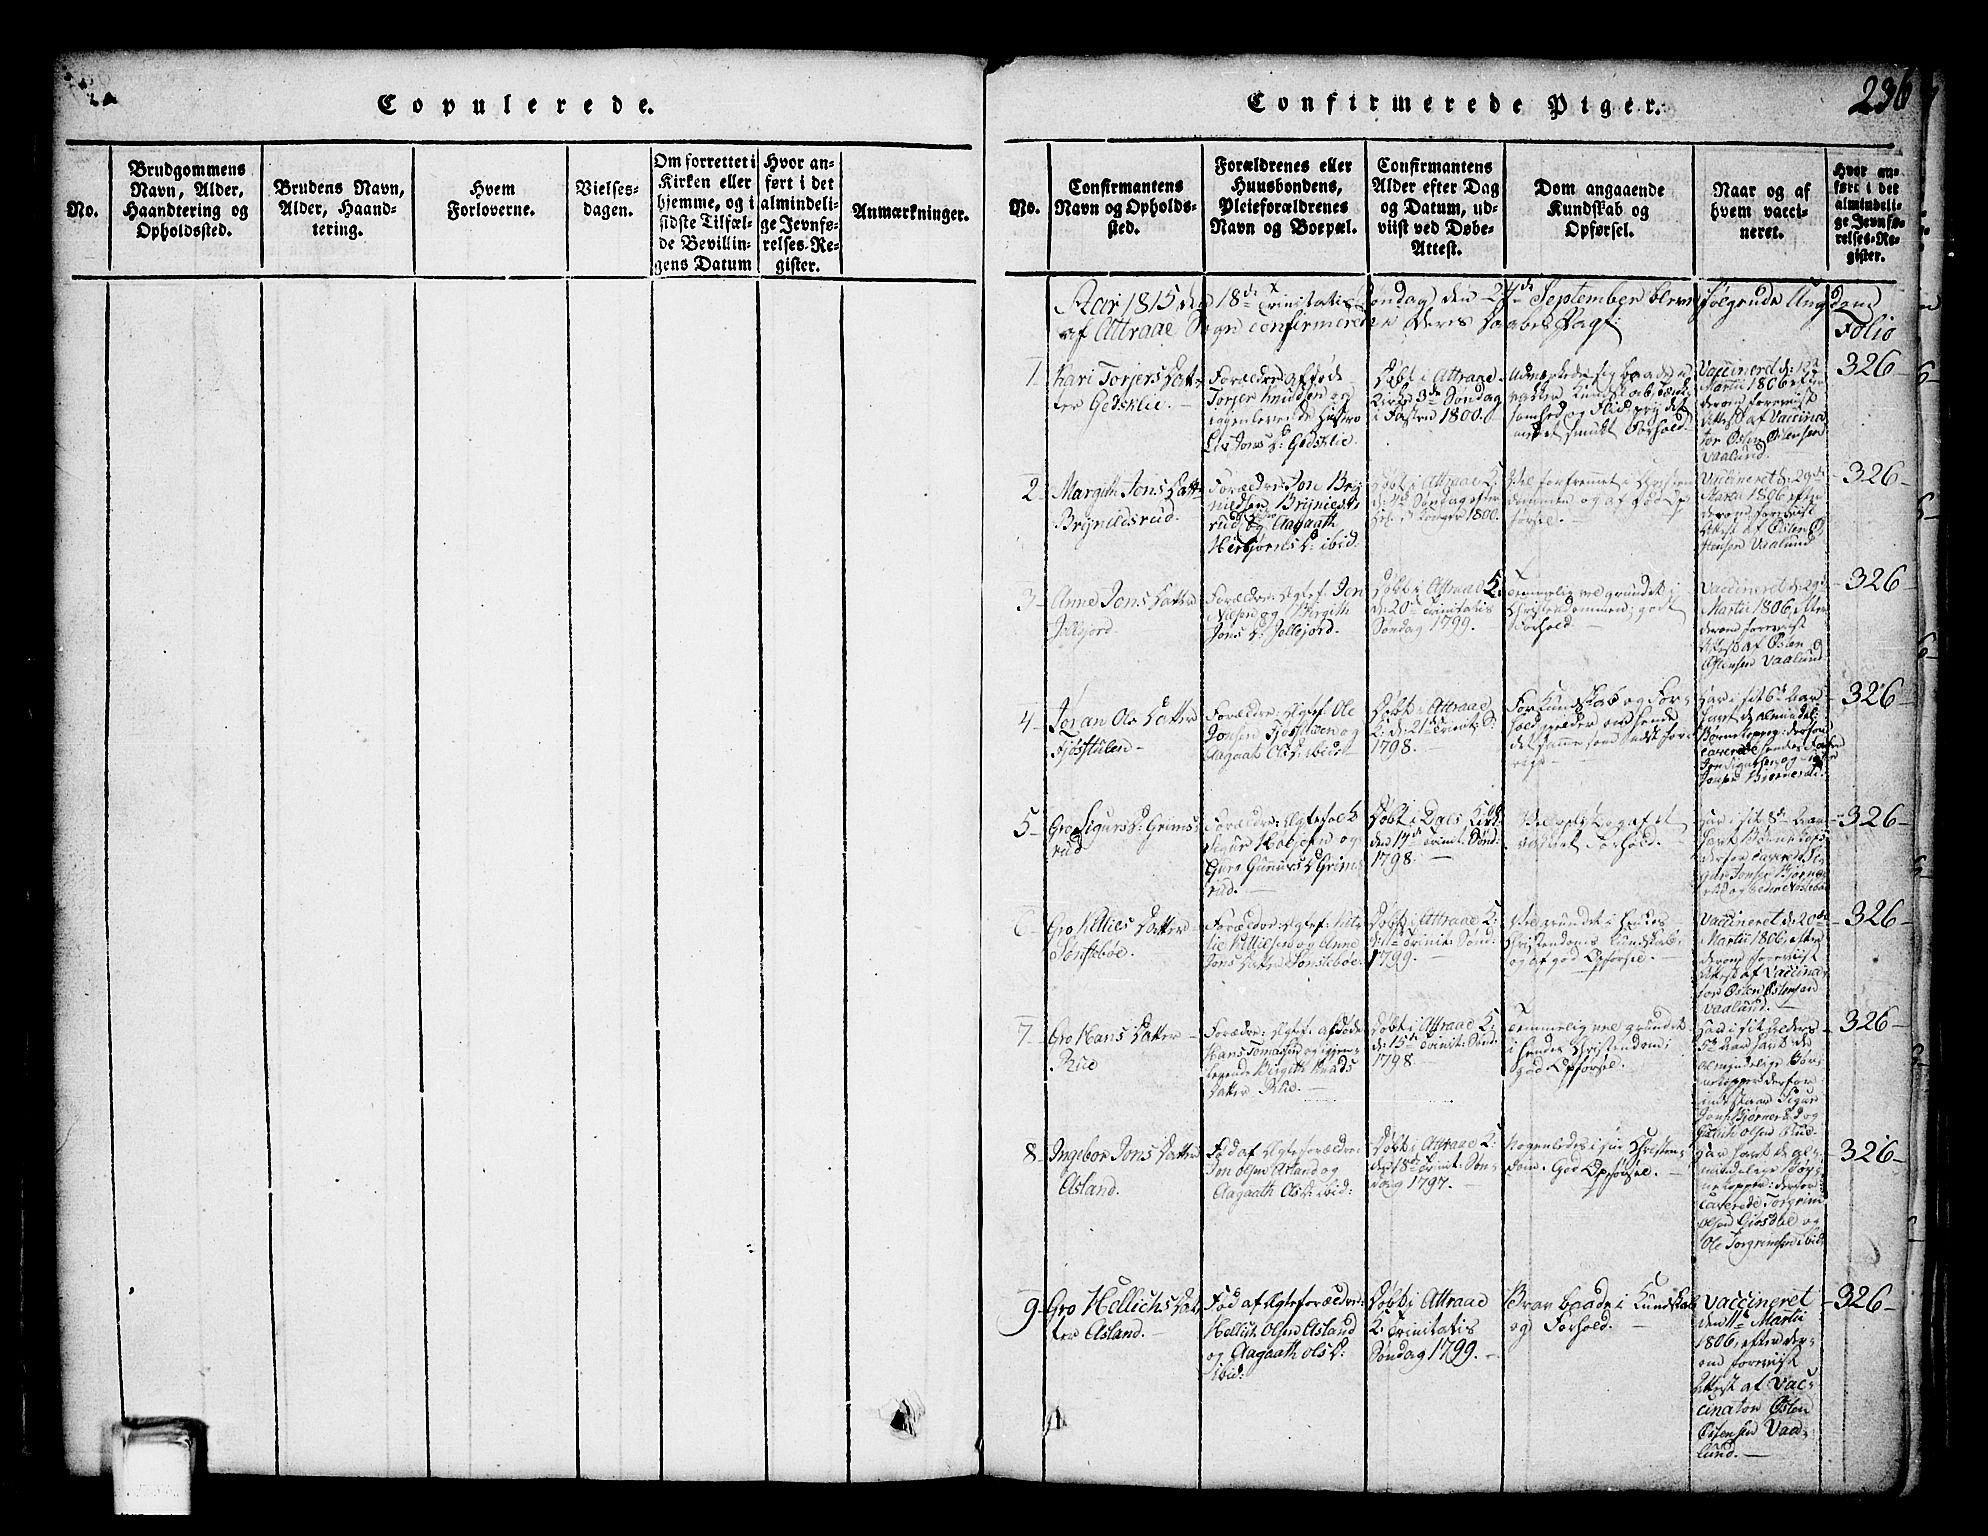 SAKO, Tinn kirkebøker, G/Ga/L0001: Klokkerbok nr. I 1, 1815-1850, s. 236